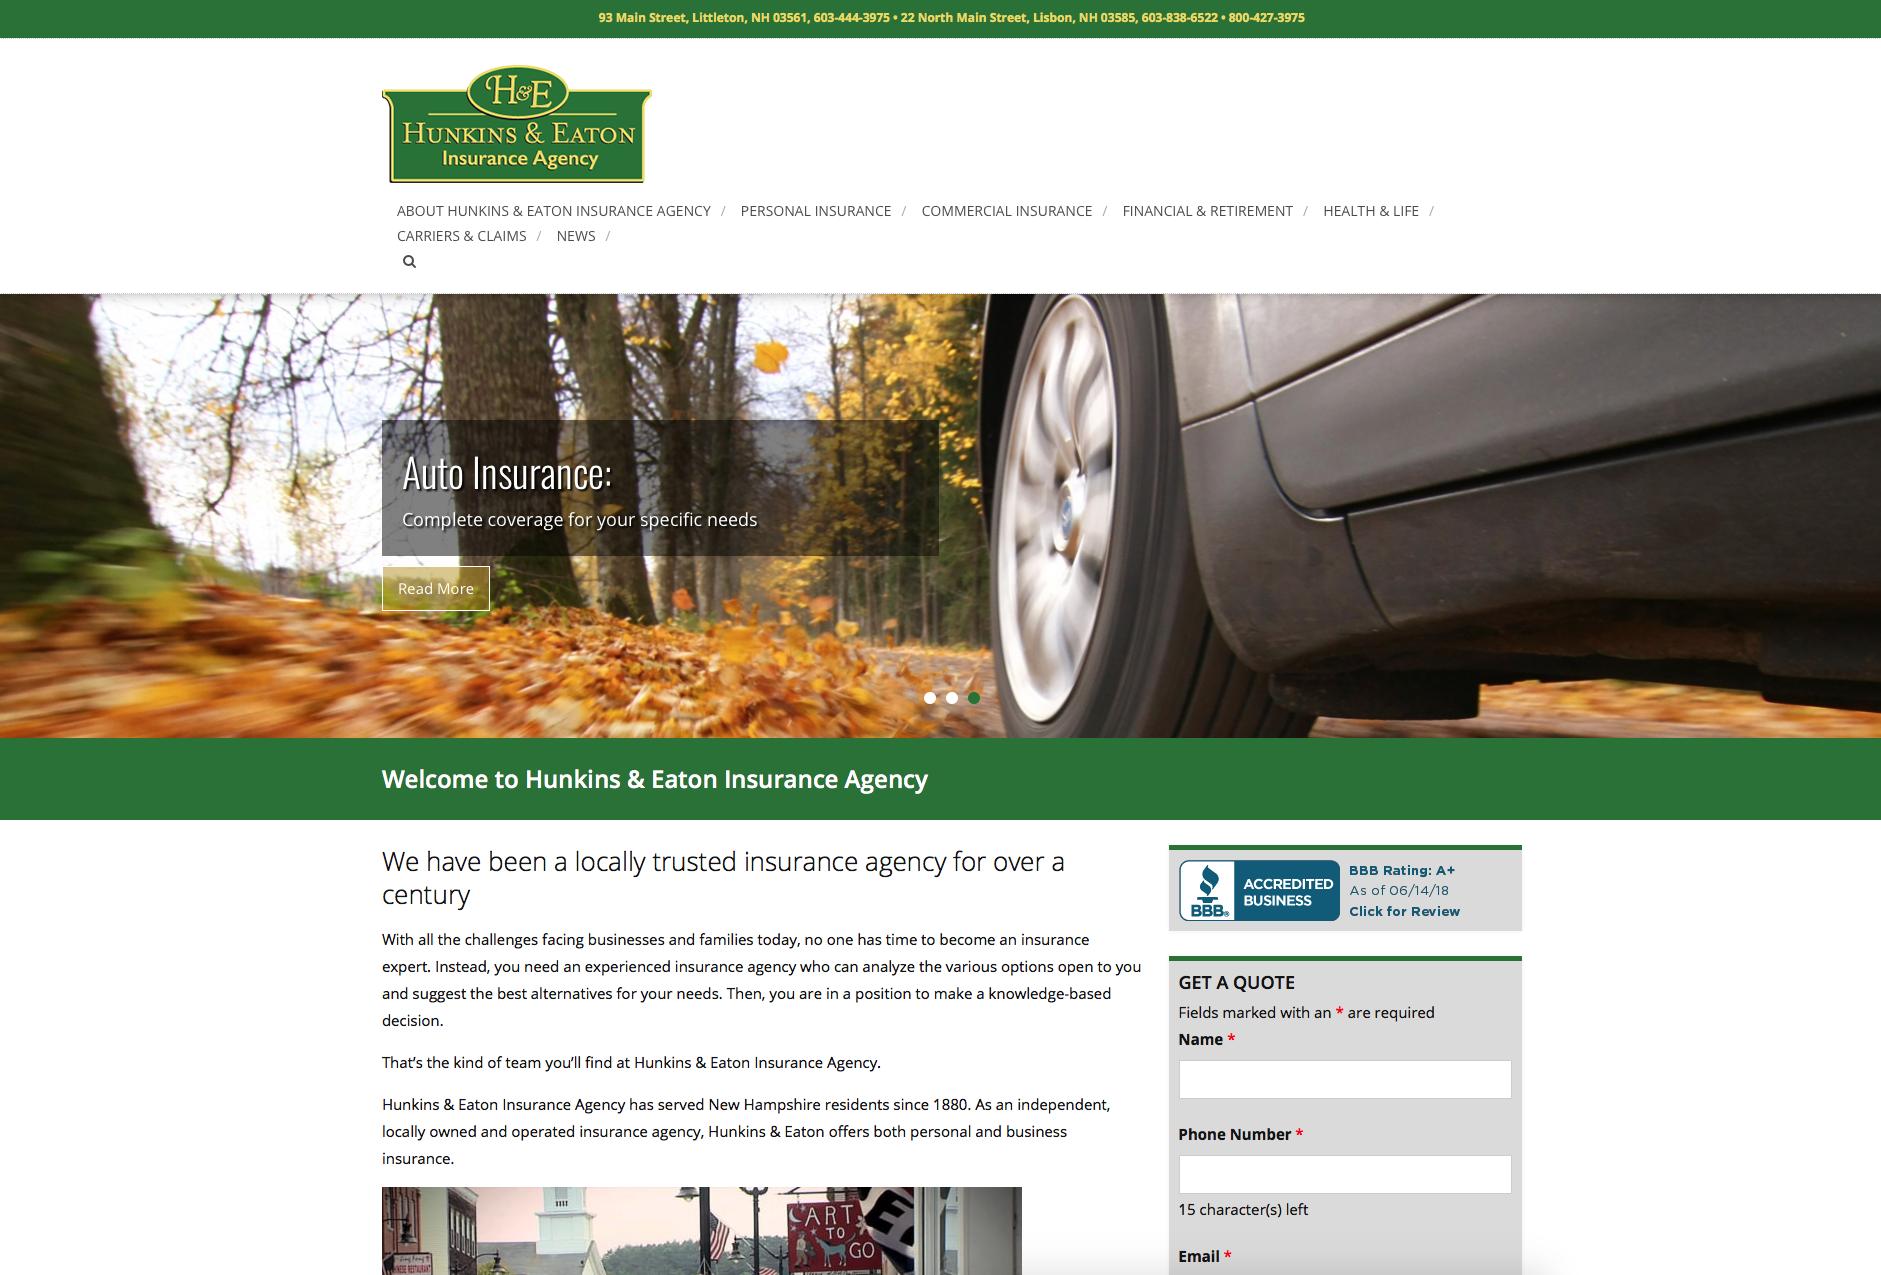 Hunkins & Eaton Insurance